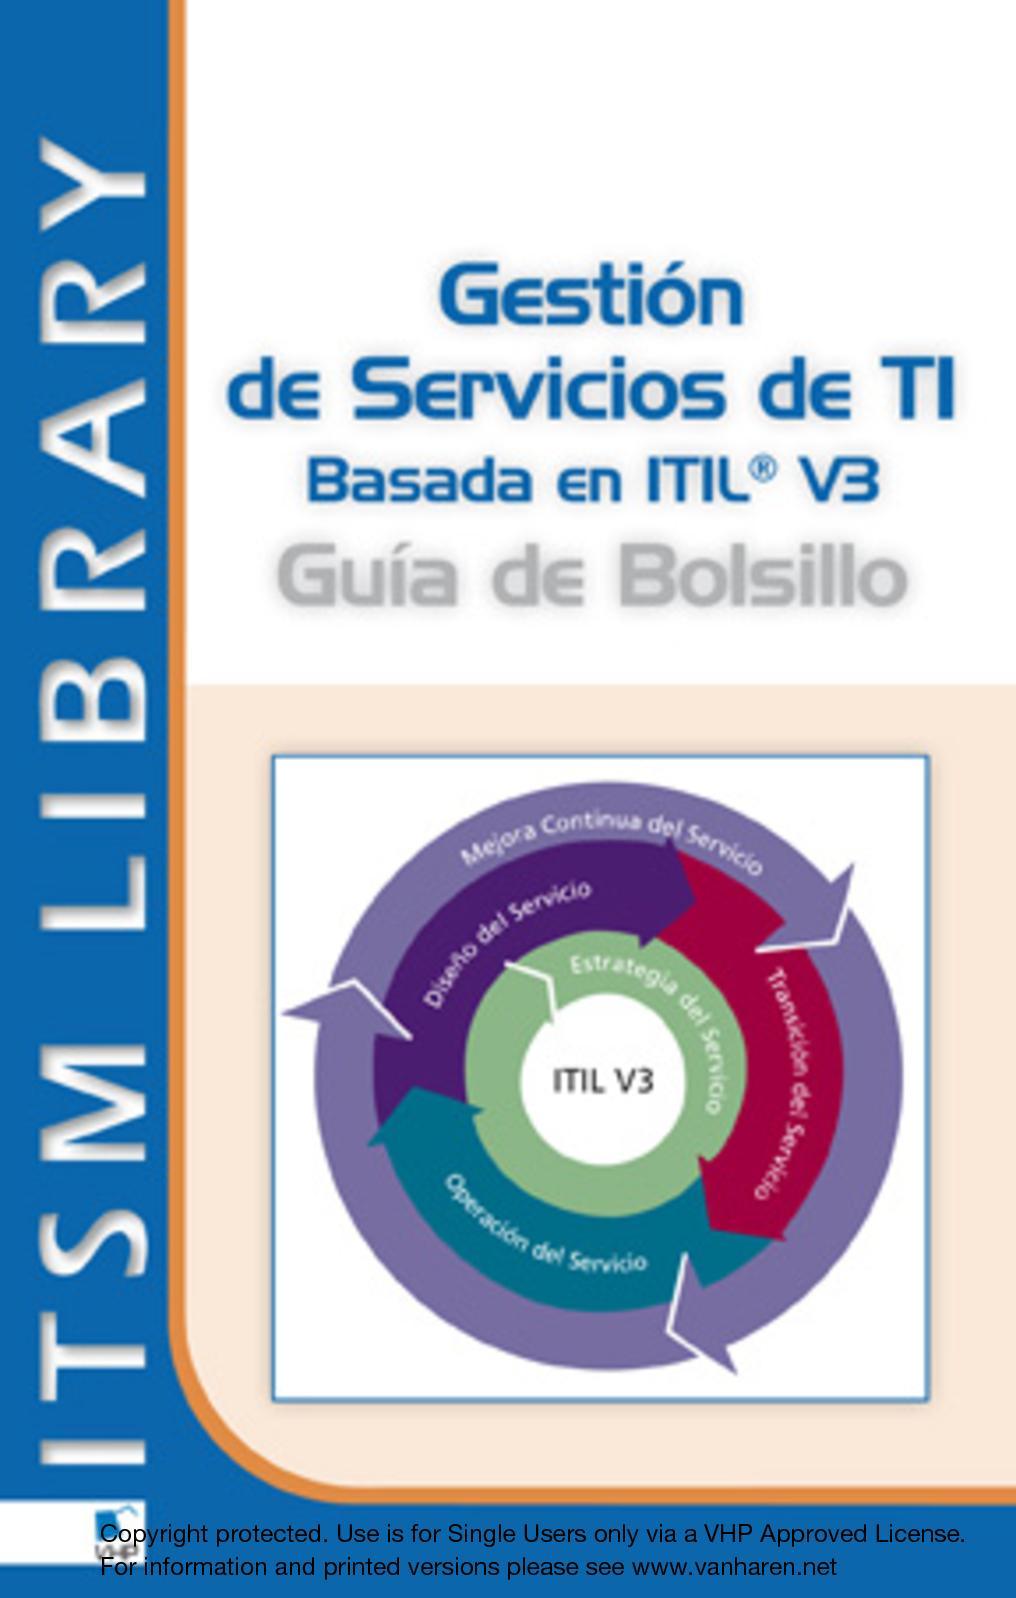 Libroitilv3 160201202621